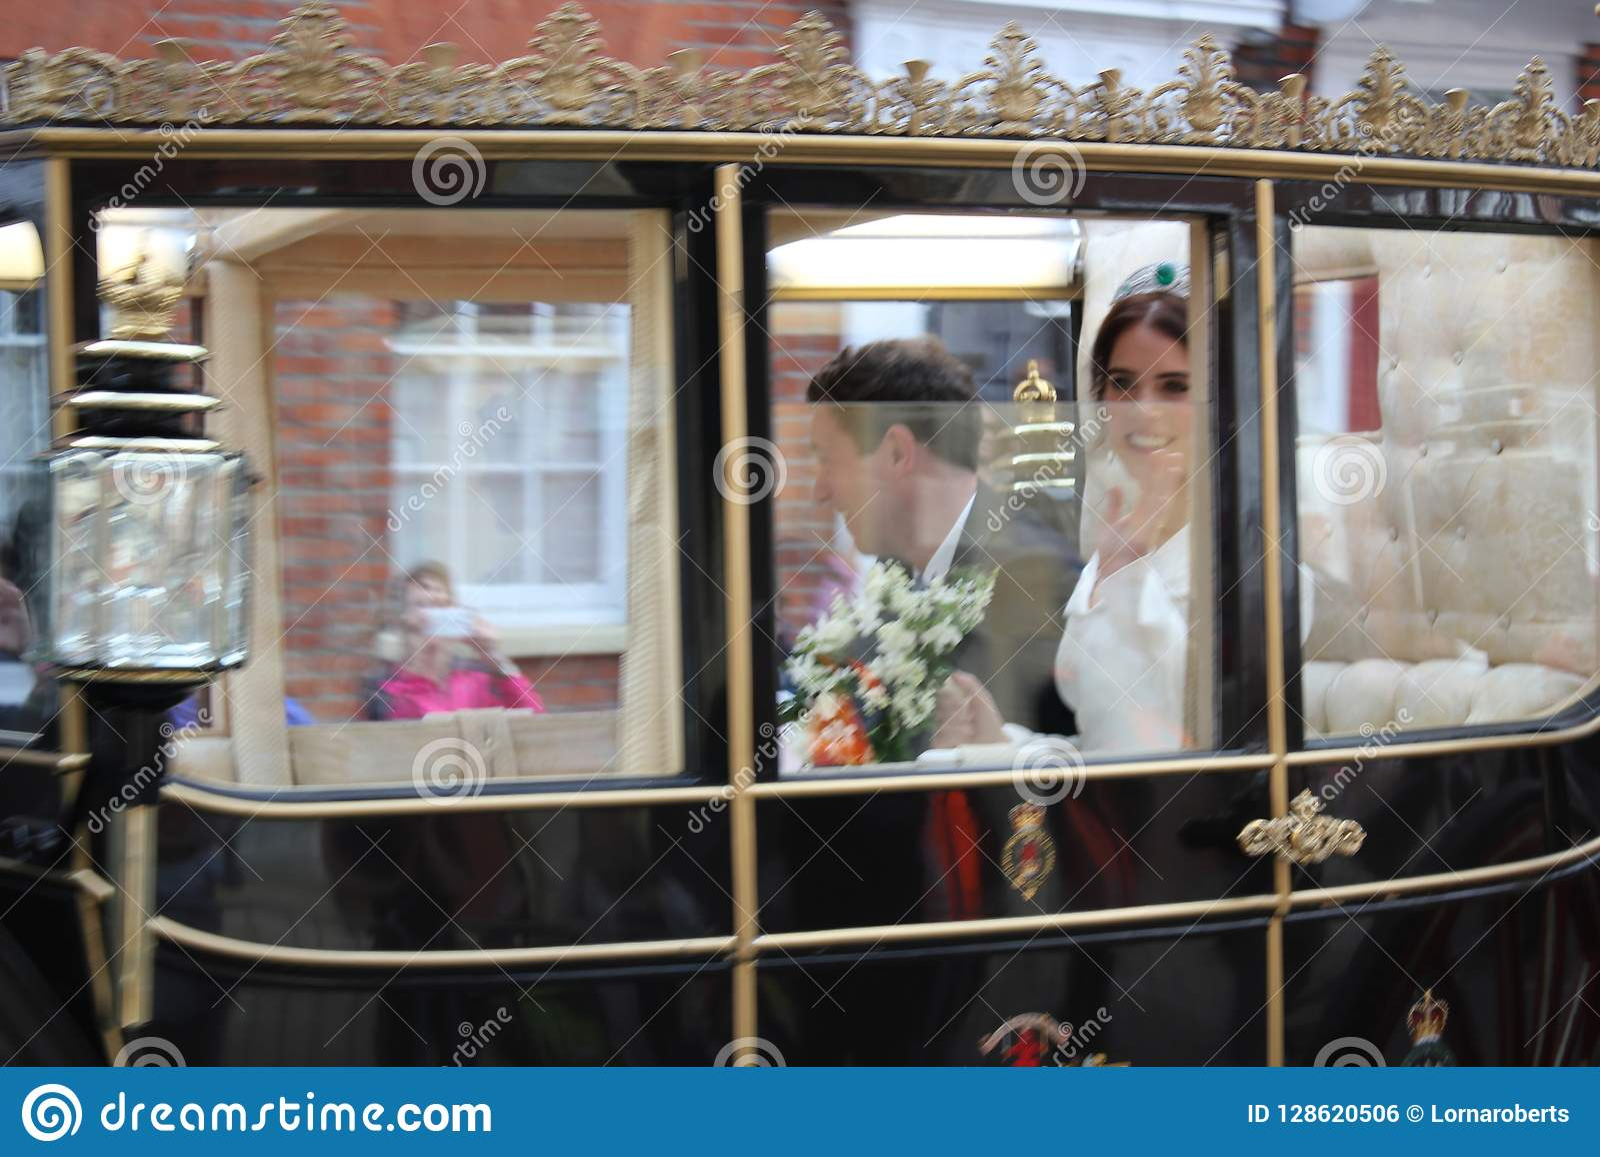 Princess Eugenie & Jack Brooksbank Windsor, Uk - 12/10/2018: Princess Eugenie & Jack Brooksbank wedding procession parade through